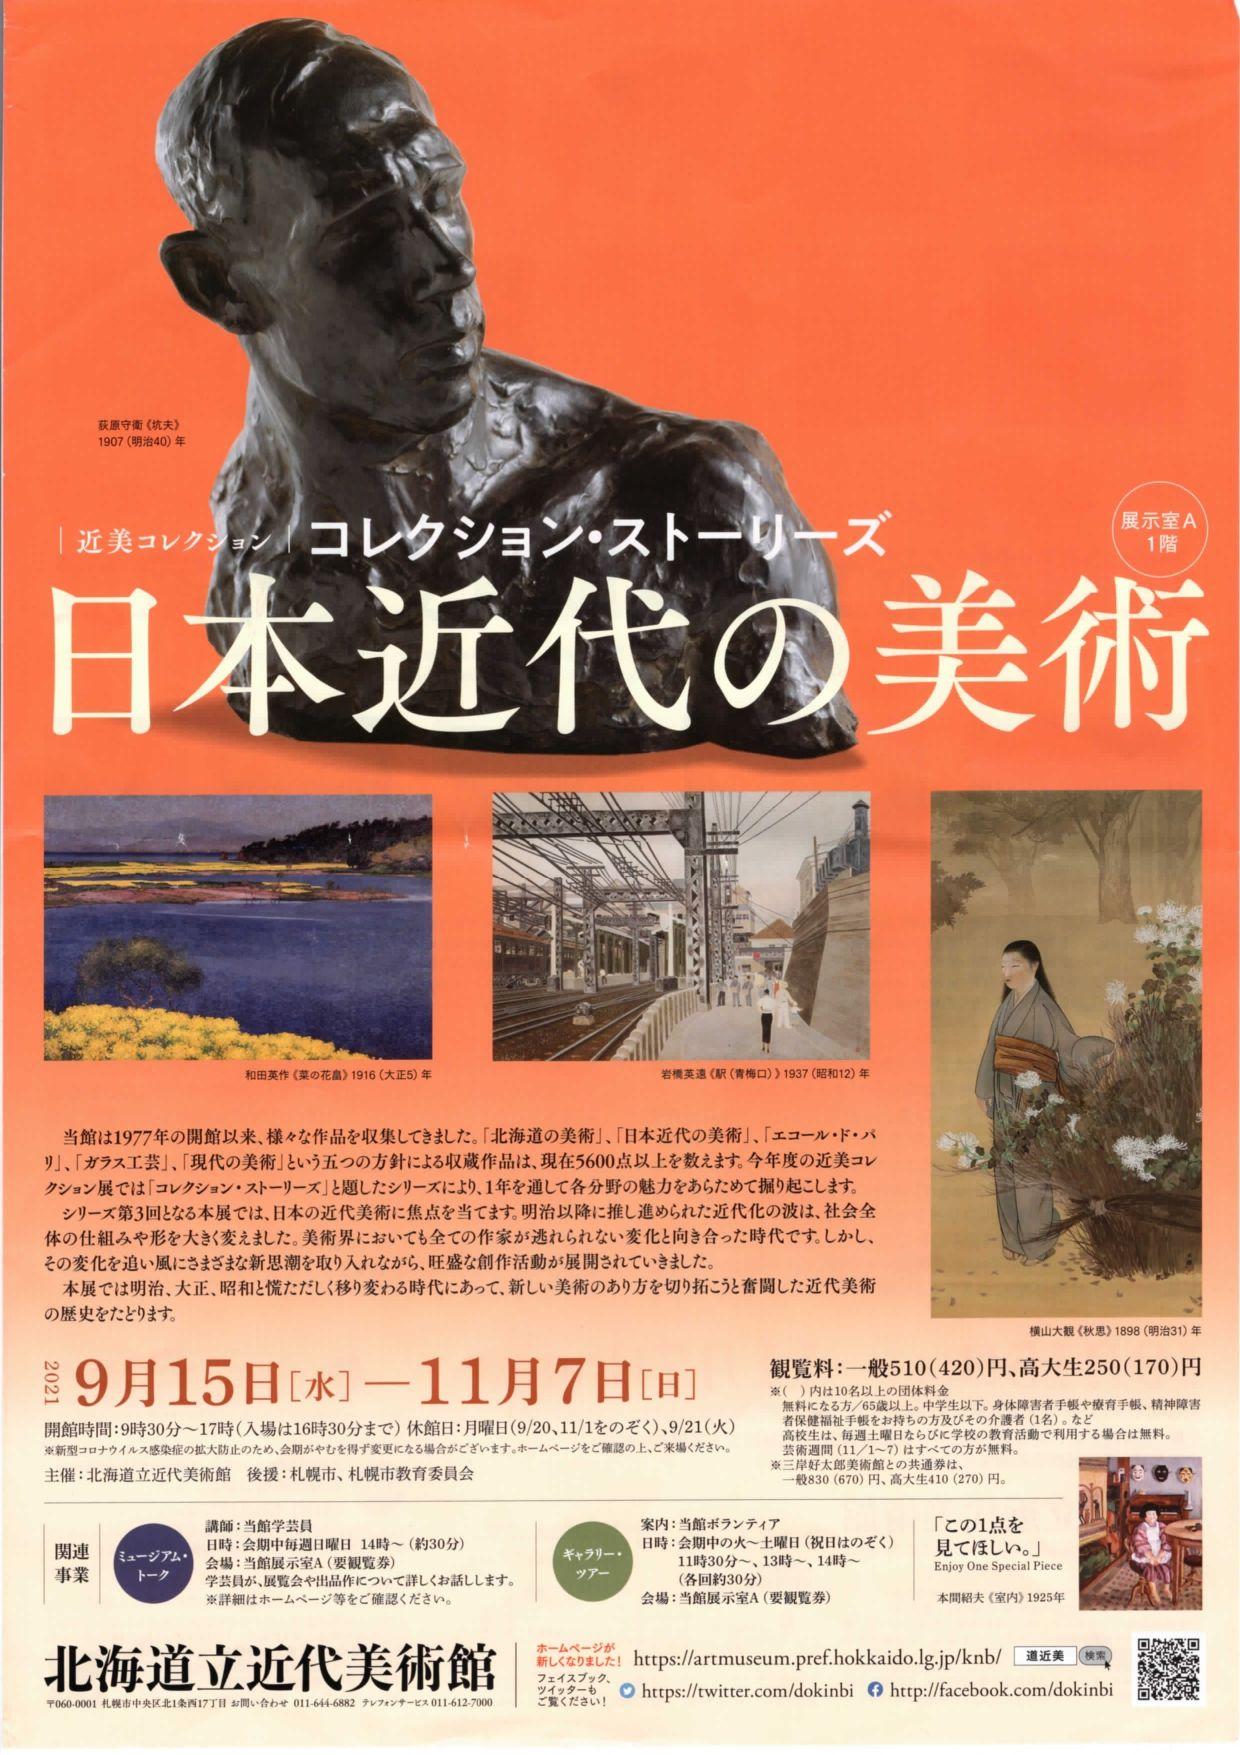 【近美コレクション】コレクション・ストーリーズ 日本近代の美術 イメージ画像